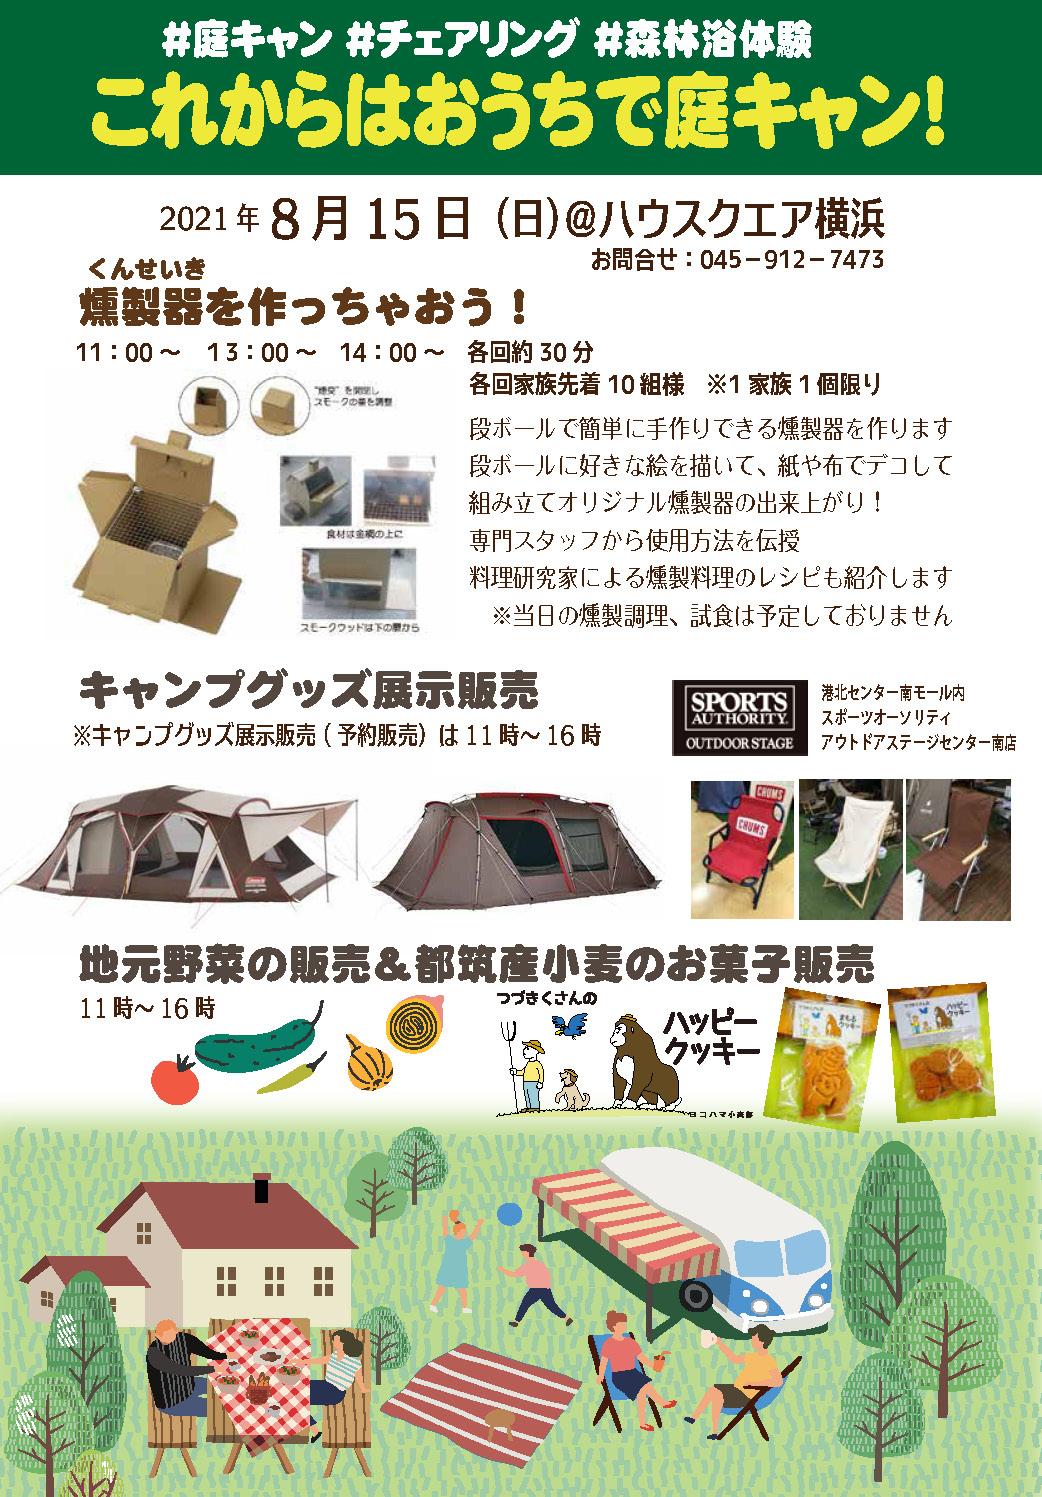 ハウスクエア横浜イベント おうちで庭キャン